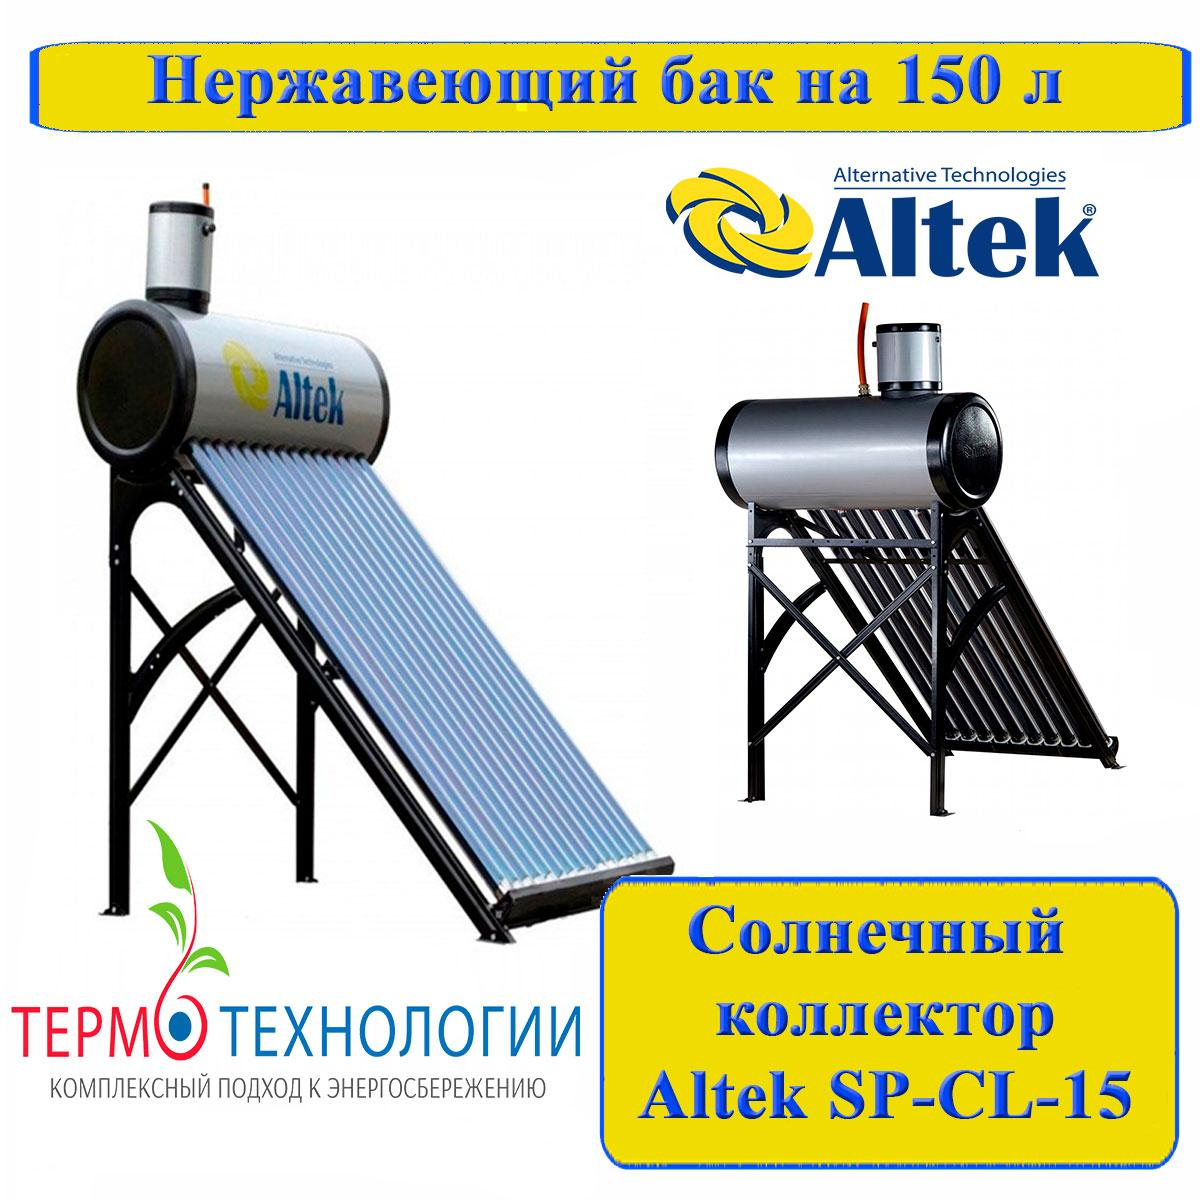 Сезонный солнечный коллектор Altek SP-CL-15. Бак из нержавеющей стали 150 л